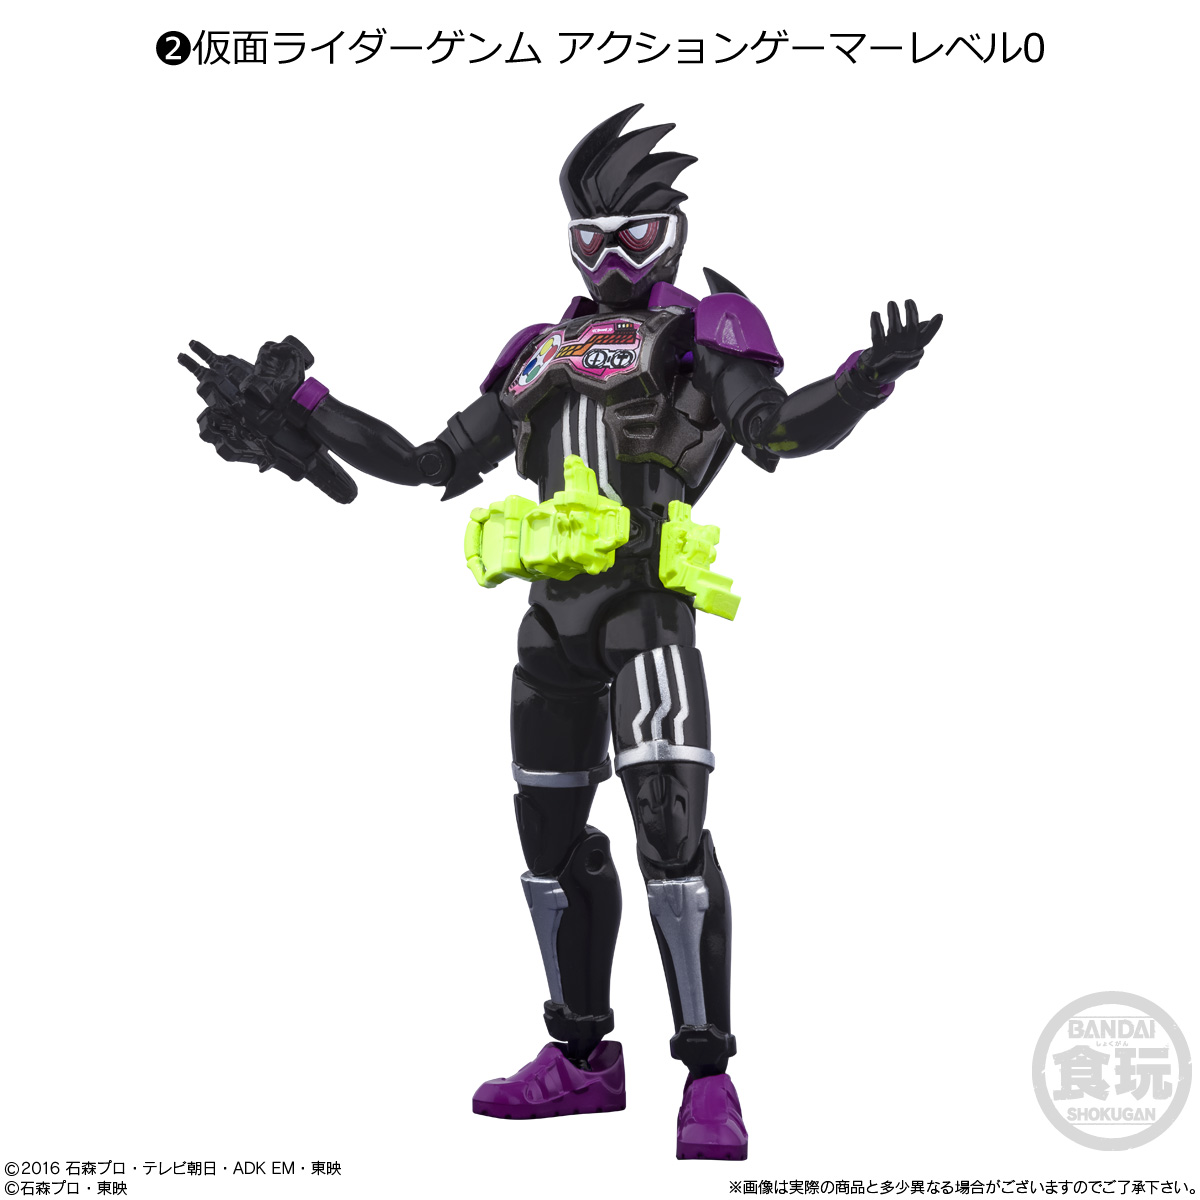 【食玩】SHODO-O『仮面ライダー5』可動フィギュア 10個入りBOX-003